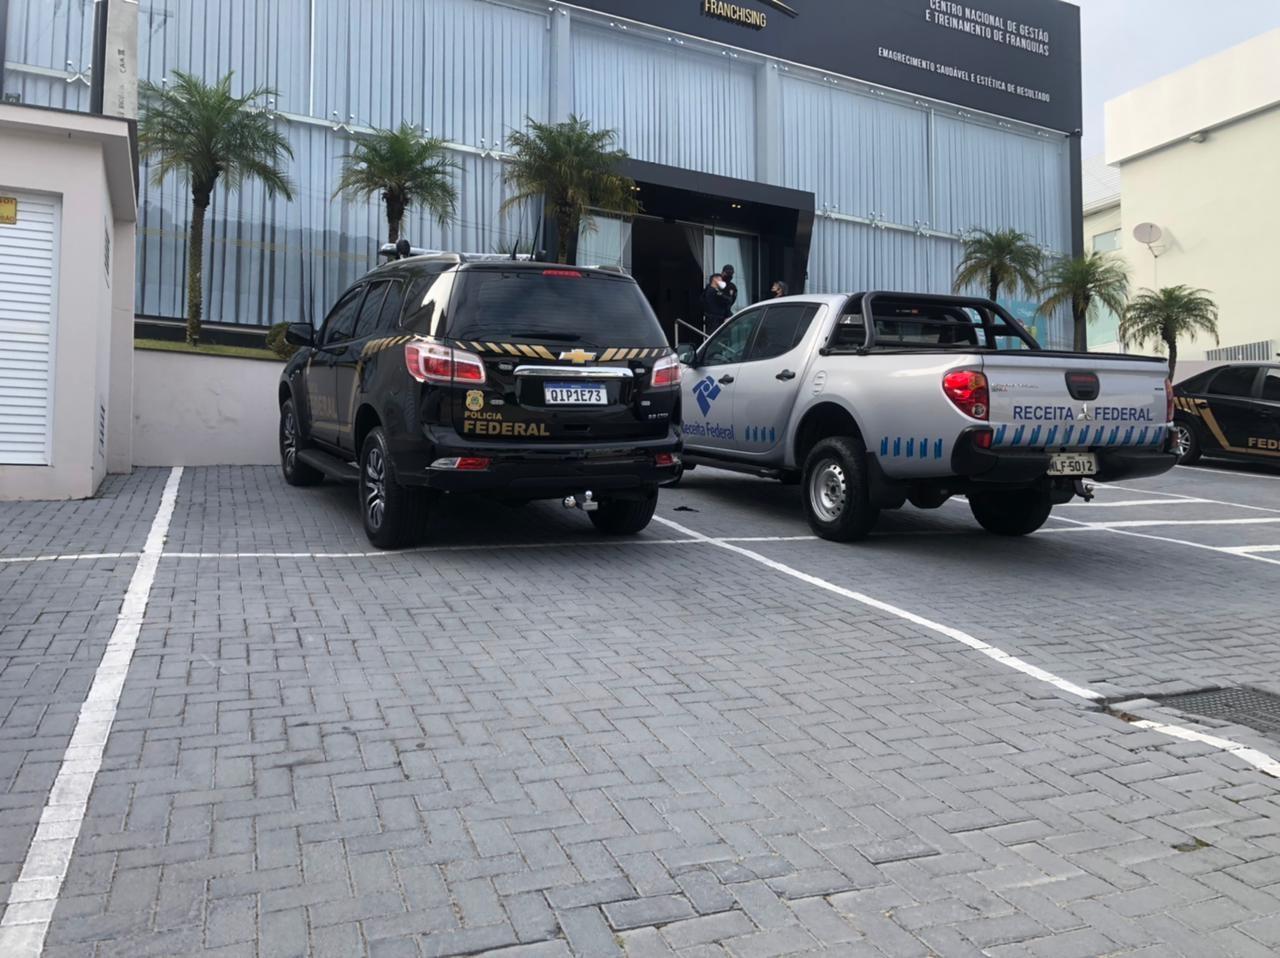 Operação contra sonegação fiscal mira em sequestro de veículos e imóveis de luxo em SC